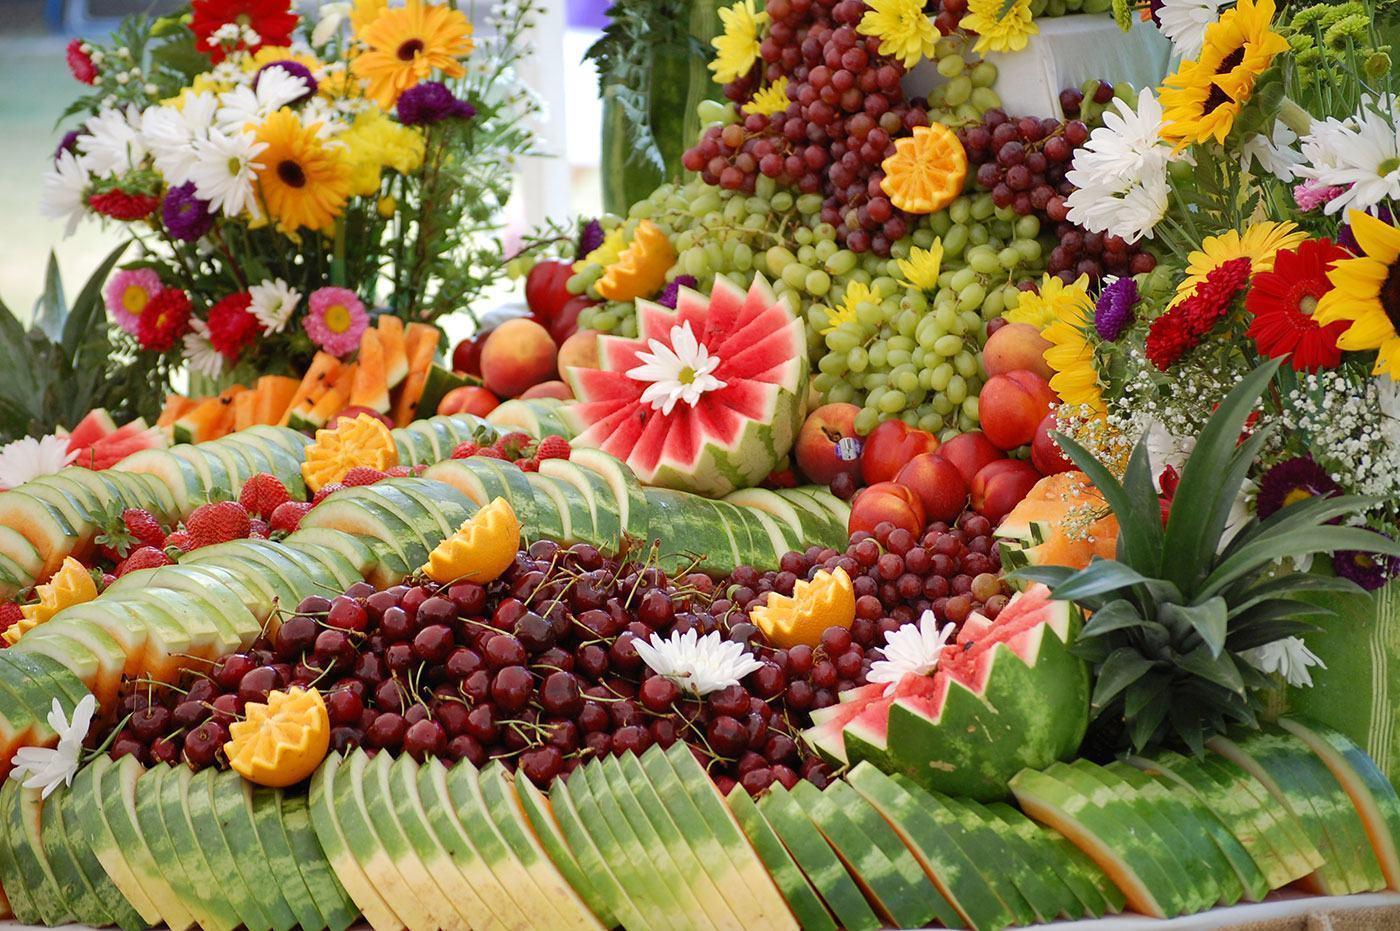 mesa-de-frutas-12